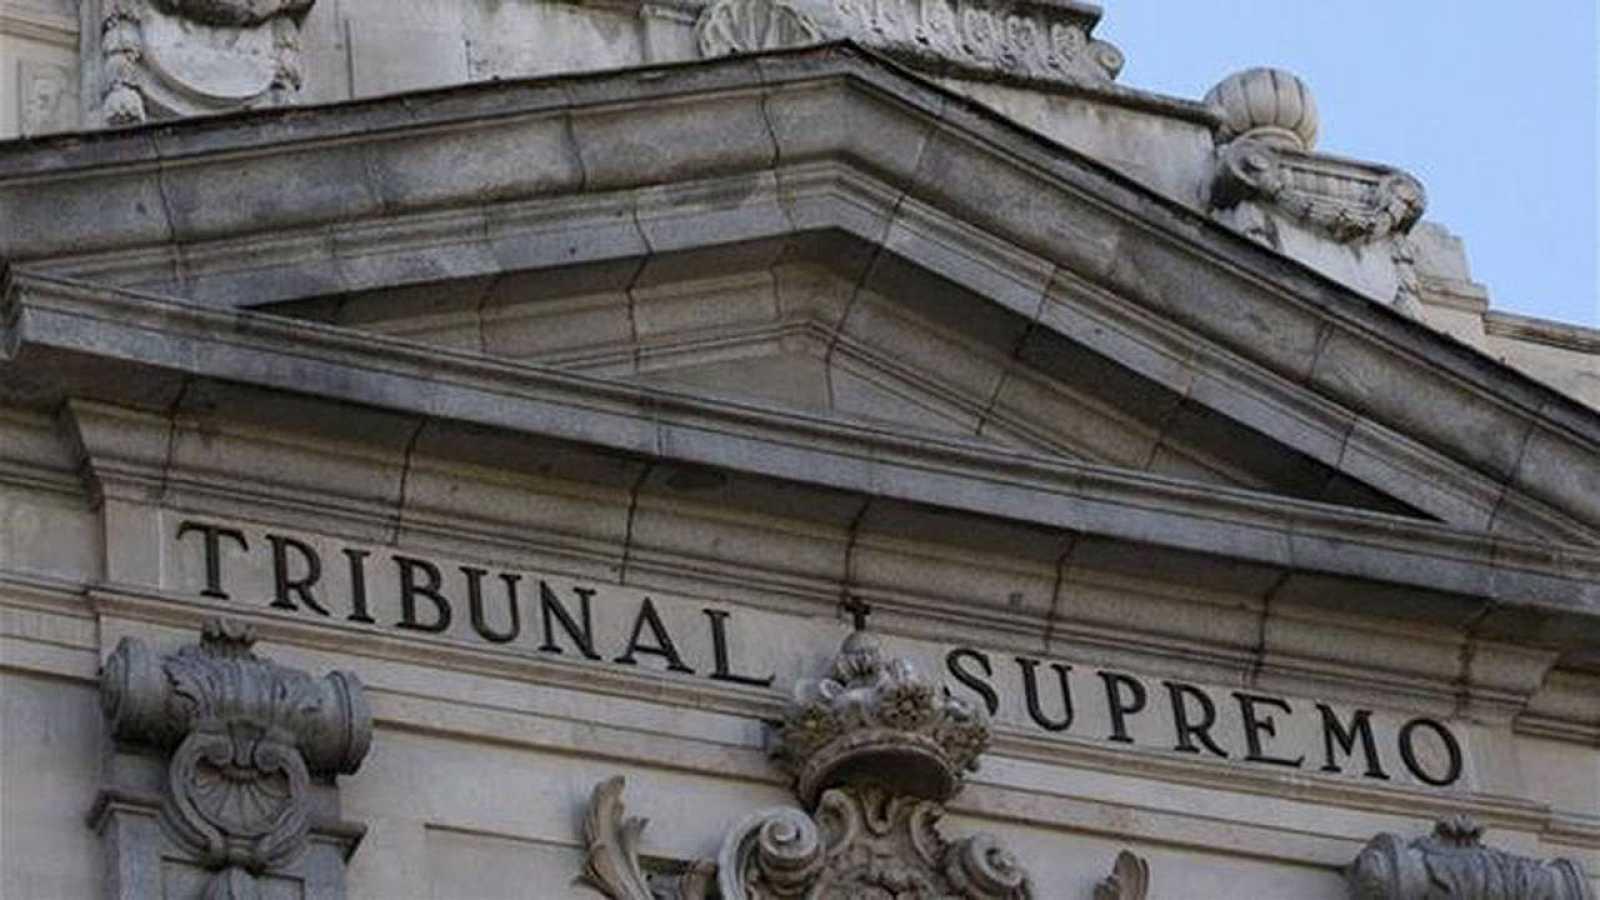 Imagen de archivo de la fachada del Tribunal Supremo